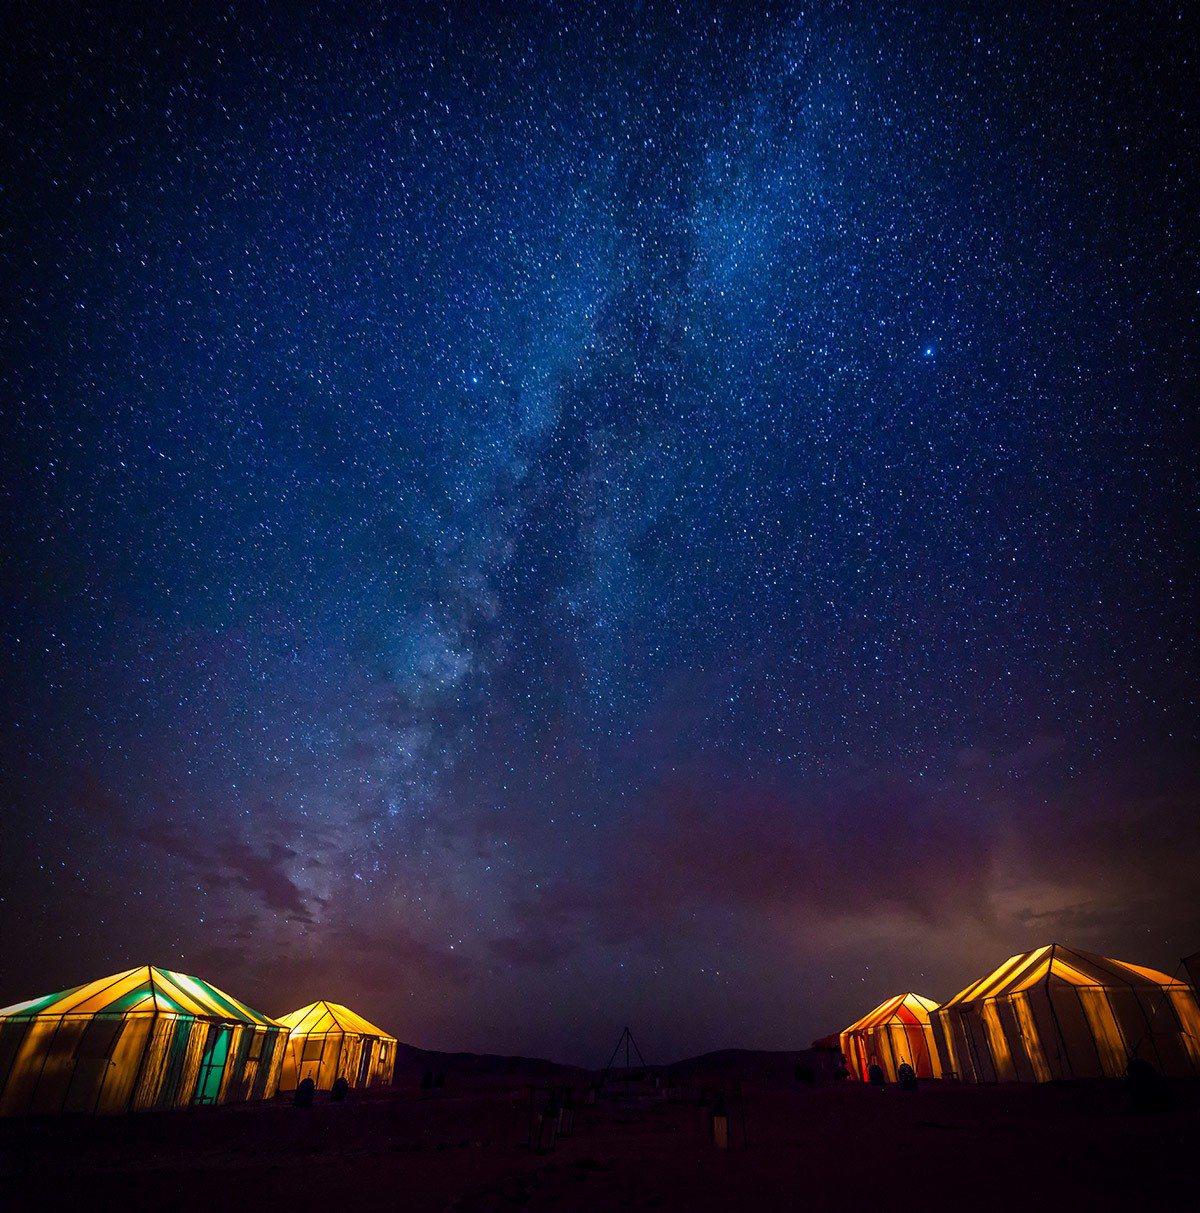 撒哈拉沙漠奢華營區,透著光的帳篷,看著觸手可及的銀河,是此生最夢幻的時刻。